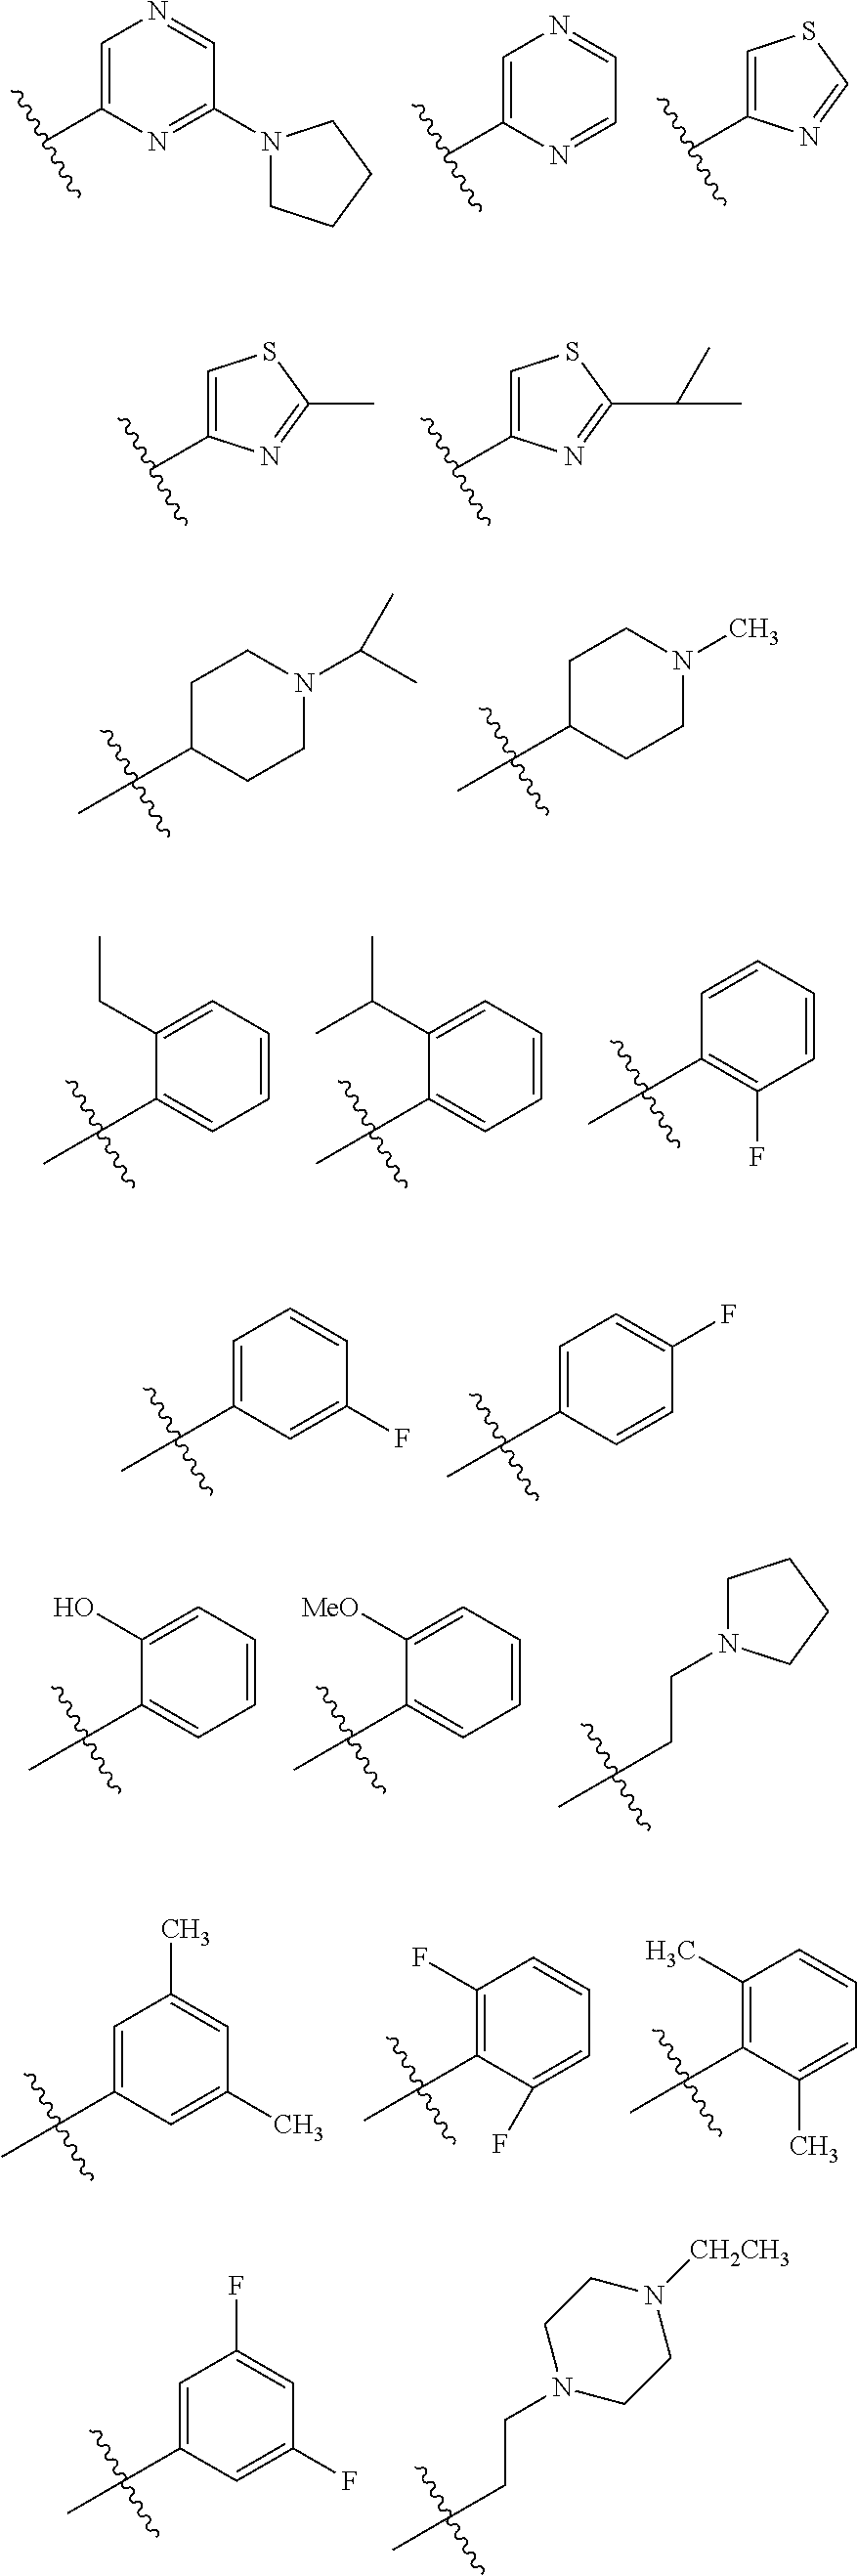 Figure US20110046165A1-20110224-C00029